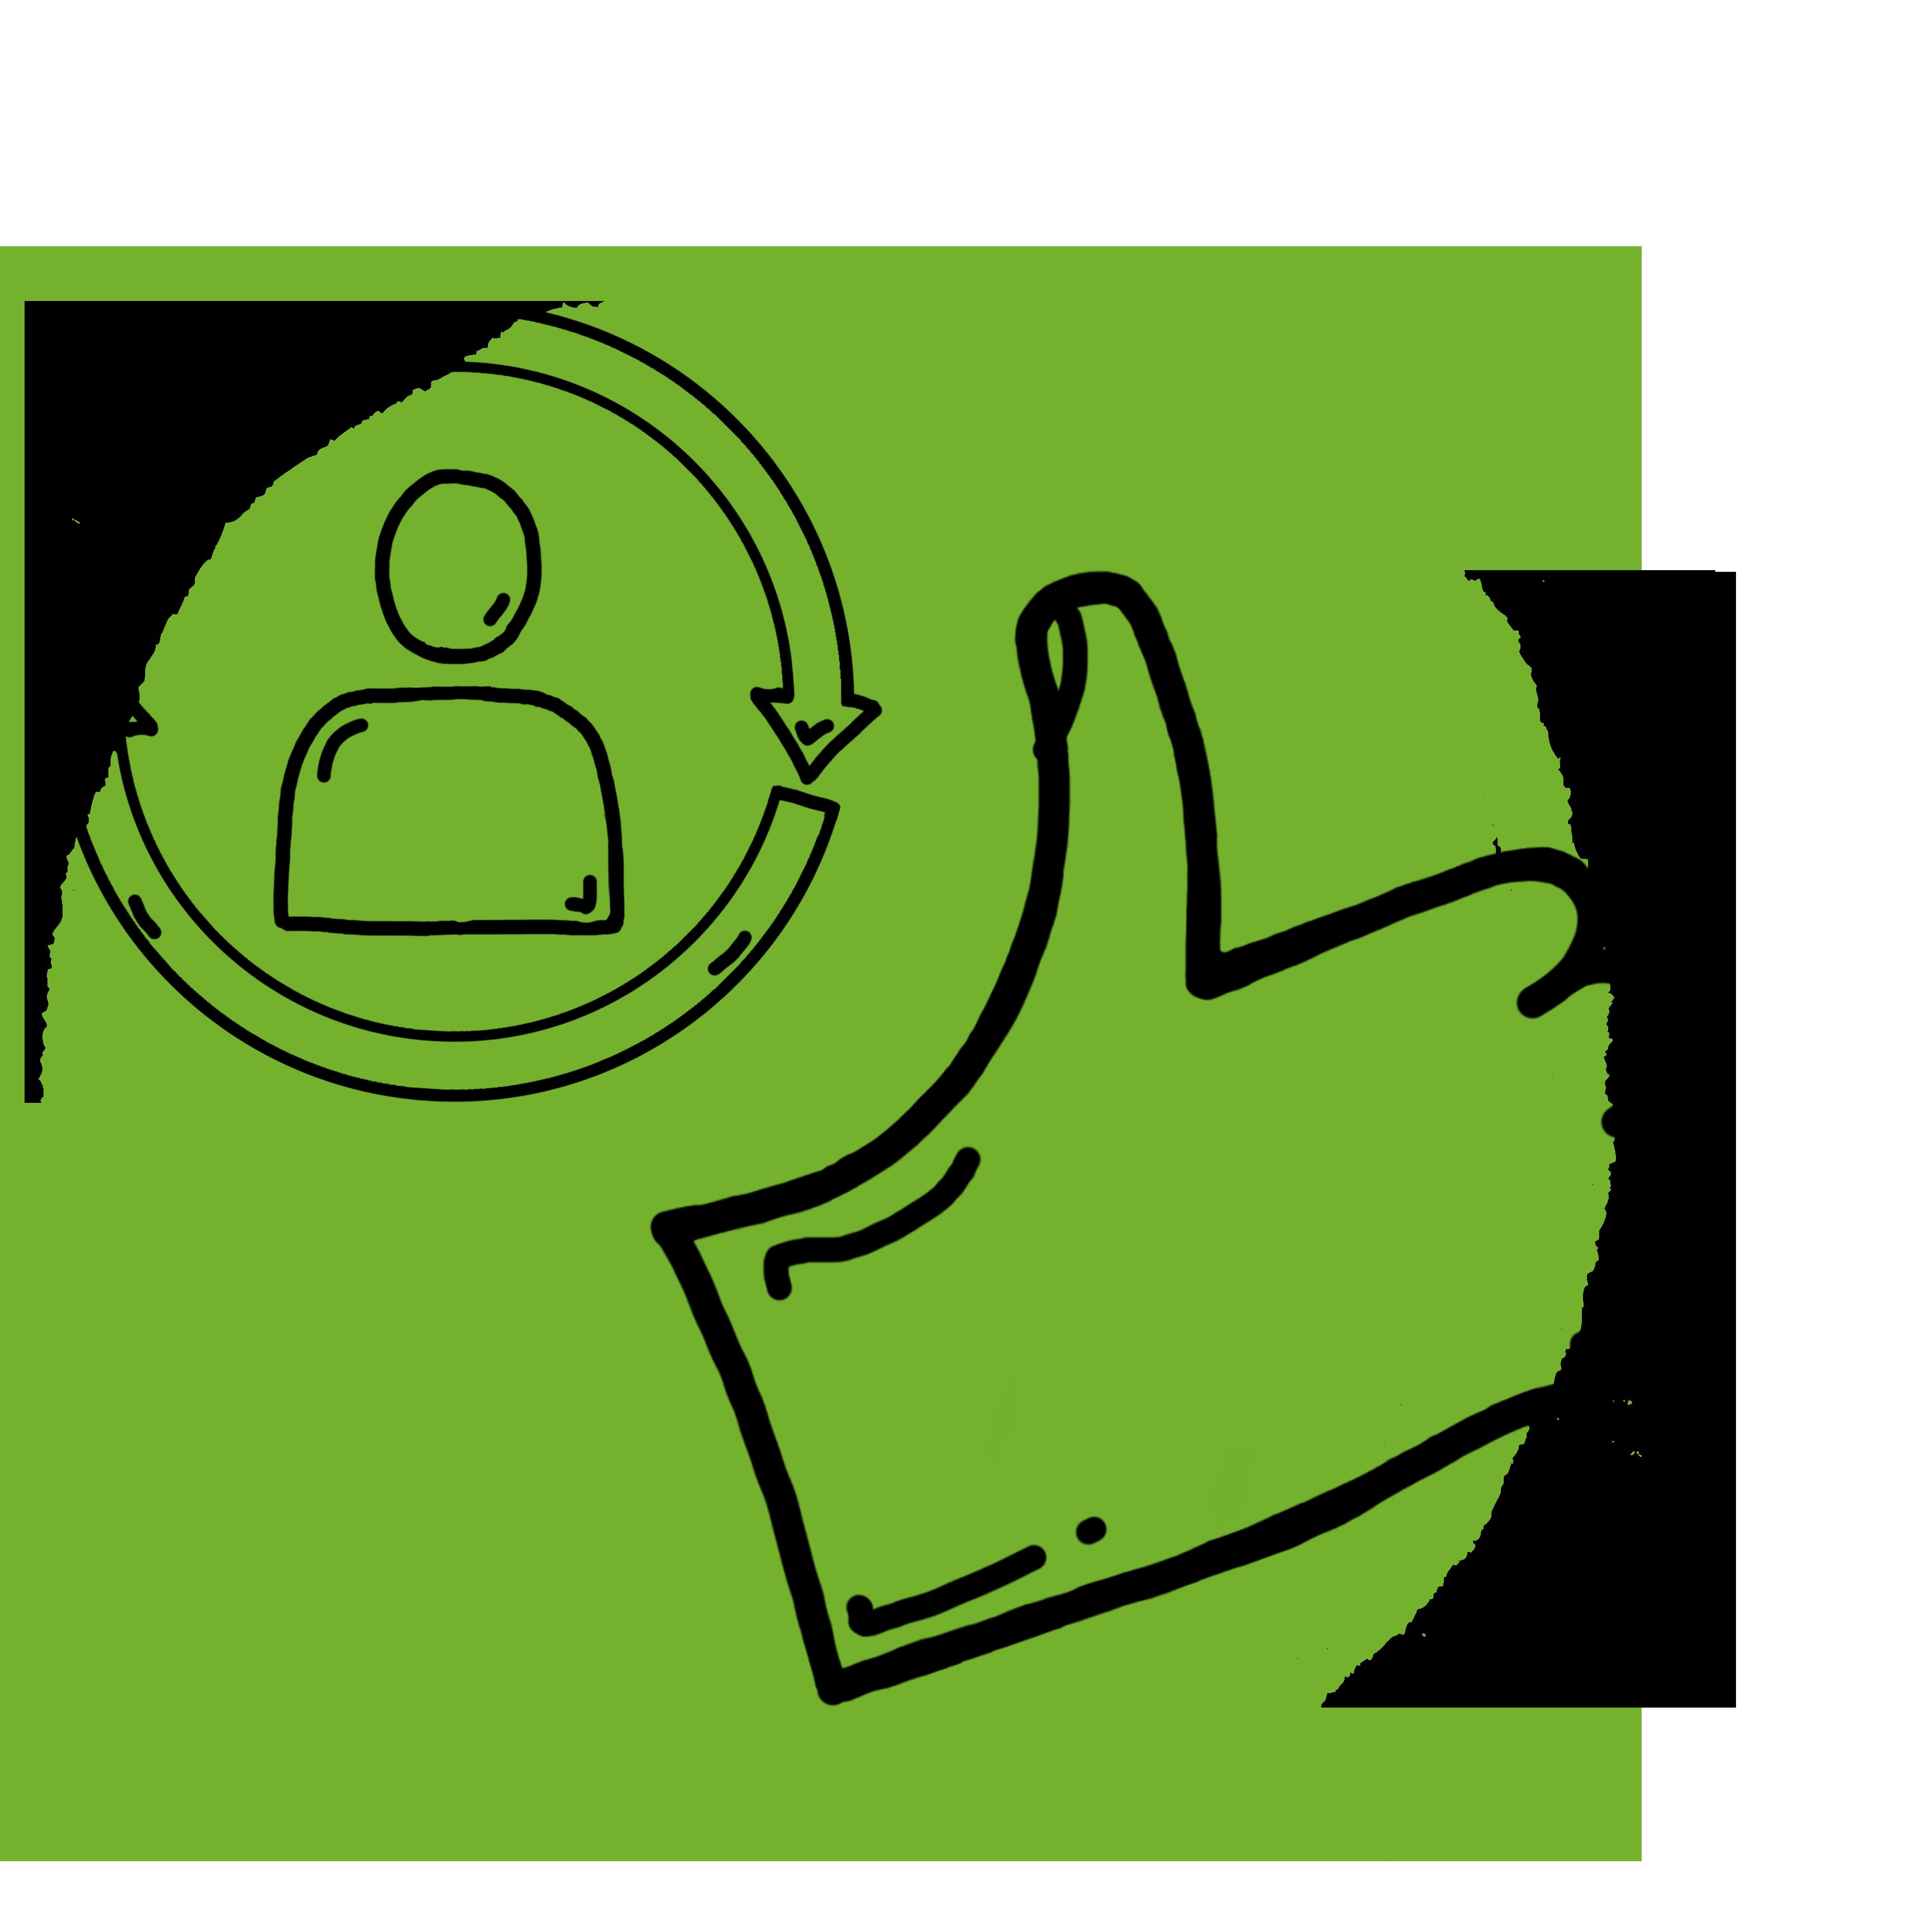 Green marketing circle